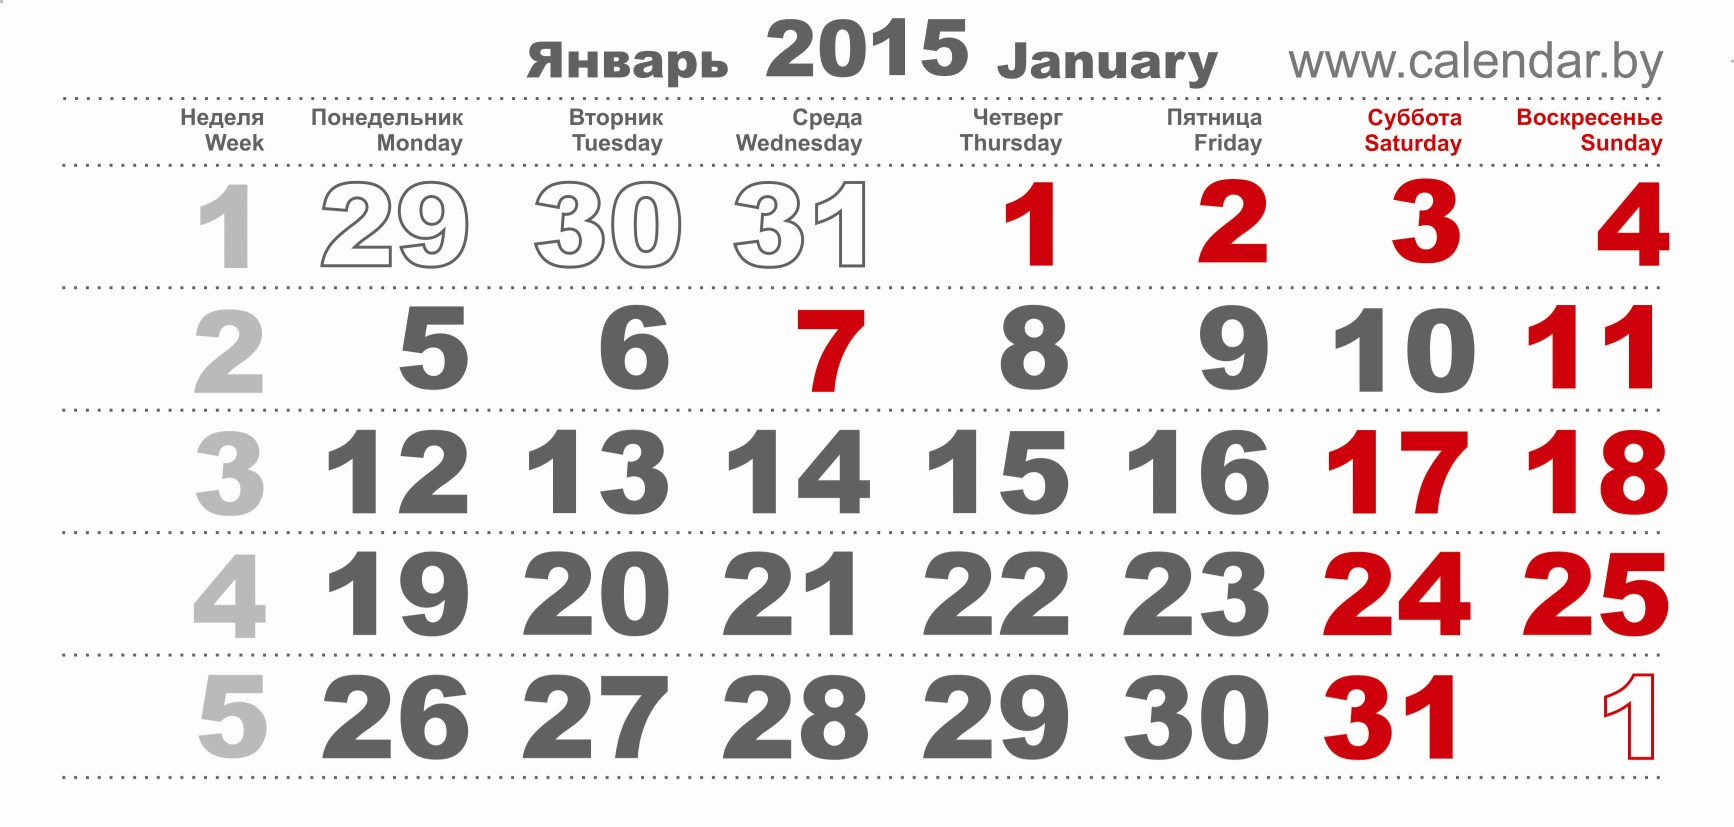 Кто устанавливает дни праздников на новый год